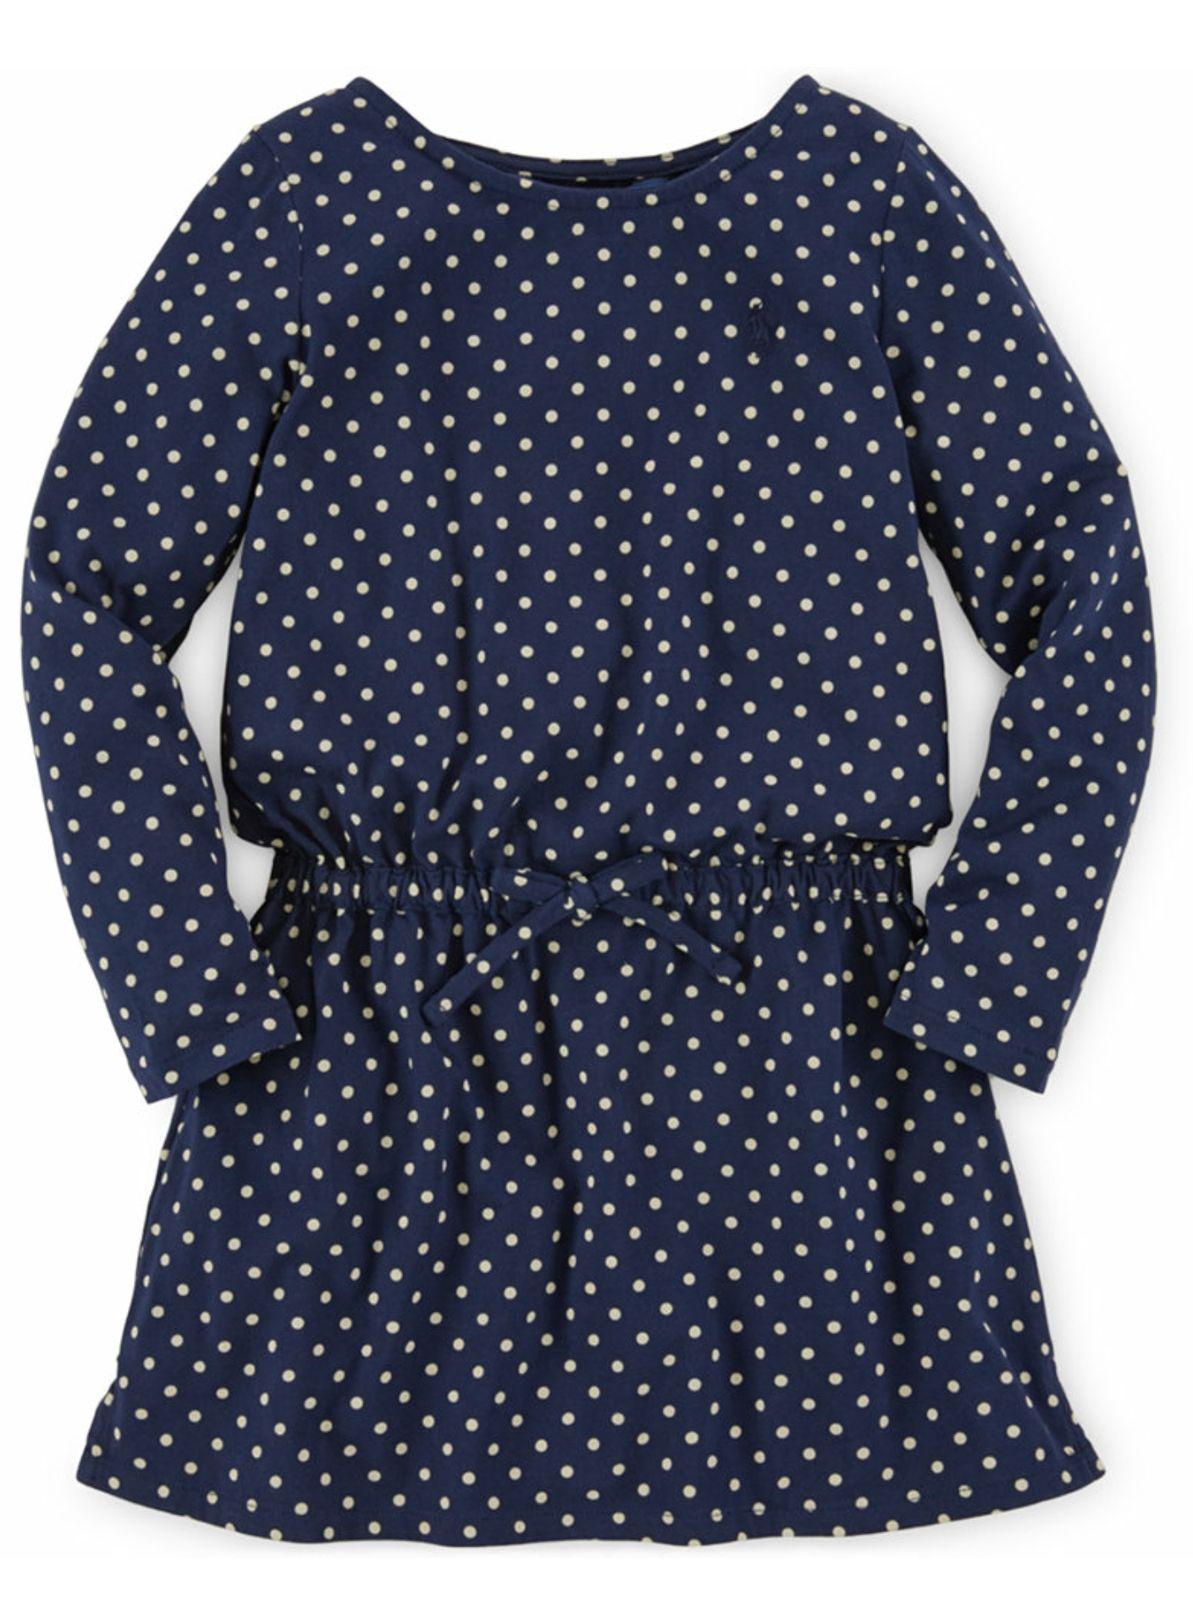 Ralph Lauren Girls Polka Dot-Print Dress